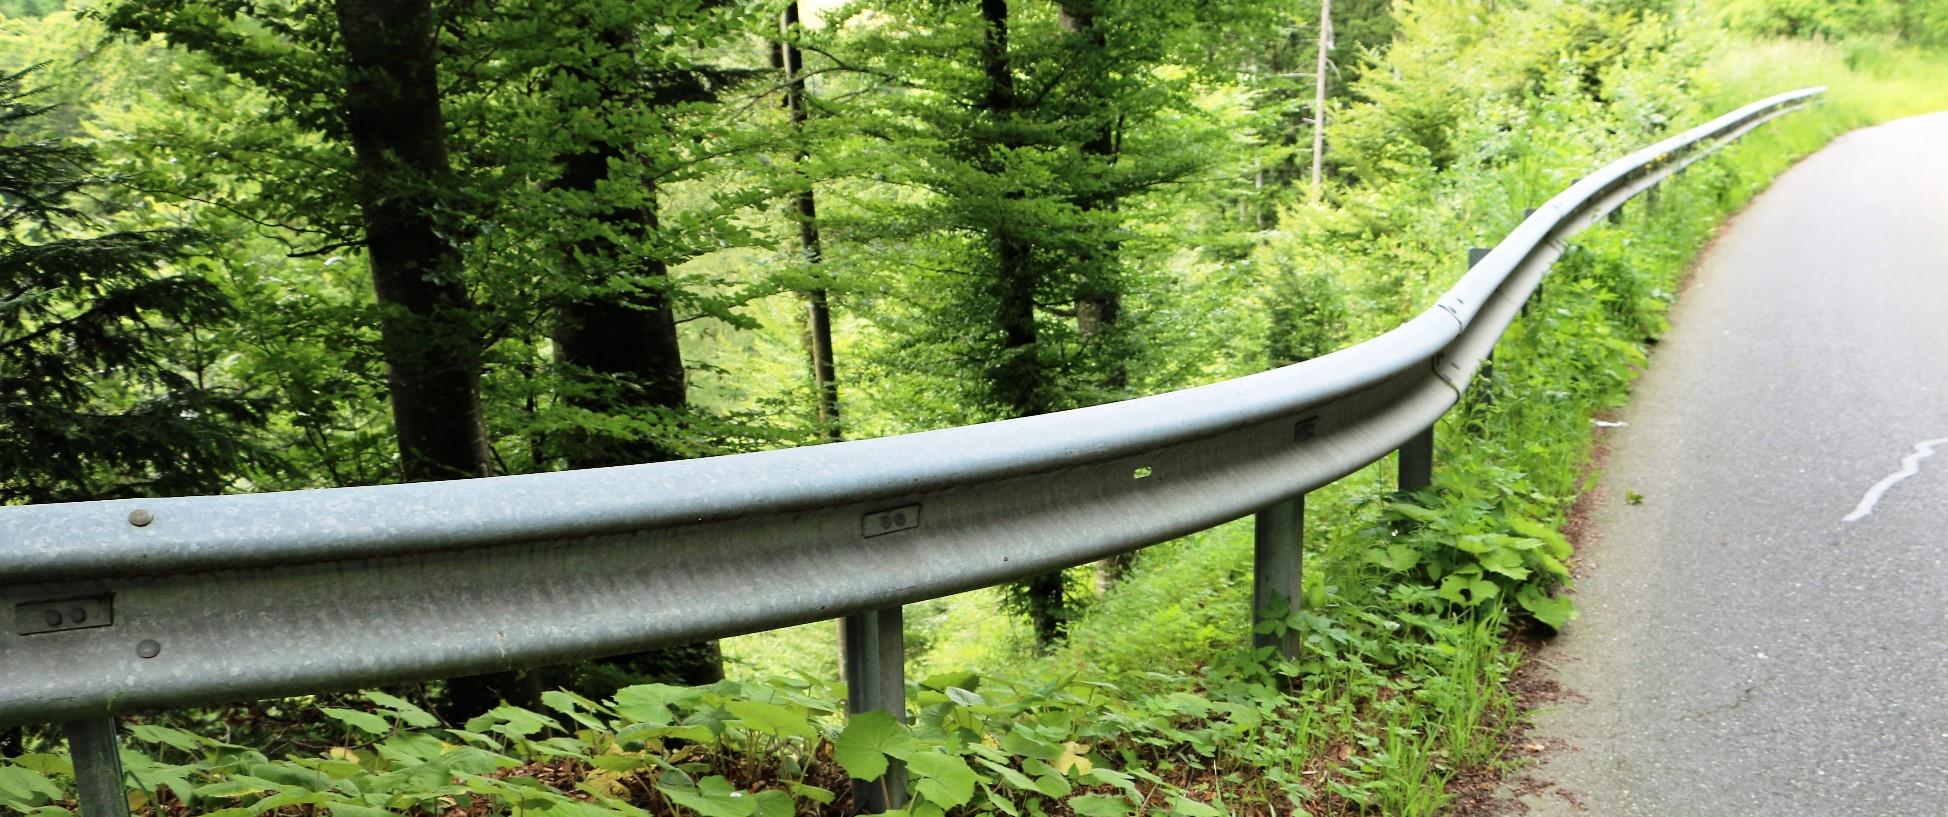 Leitplanke entlang einer Waldstrasse